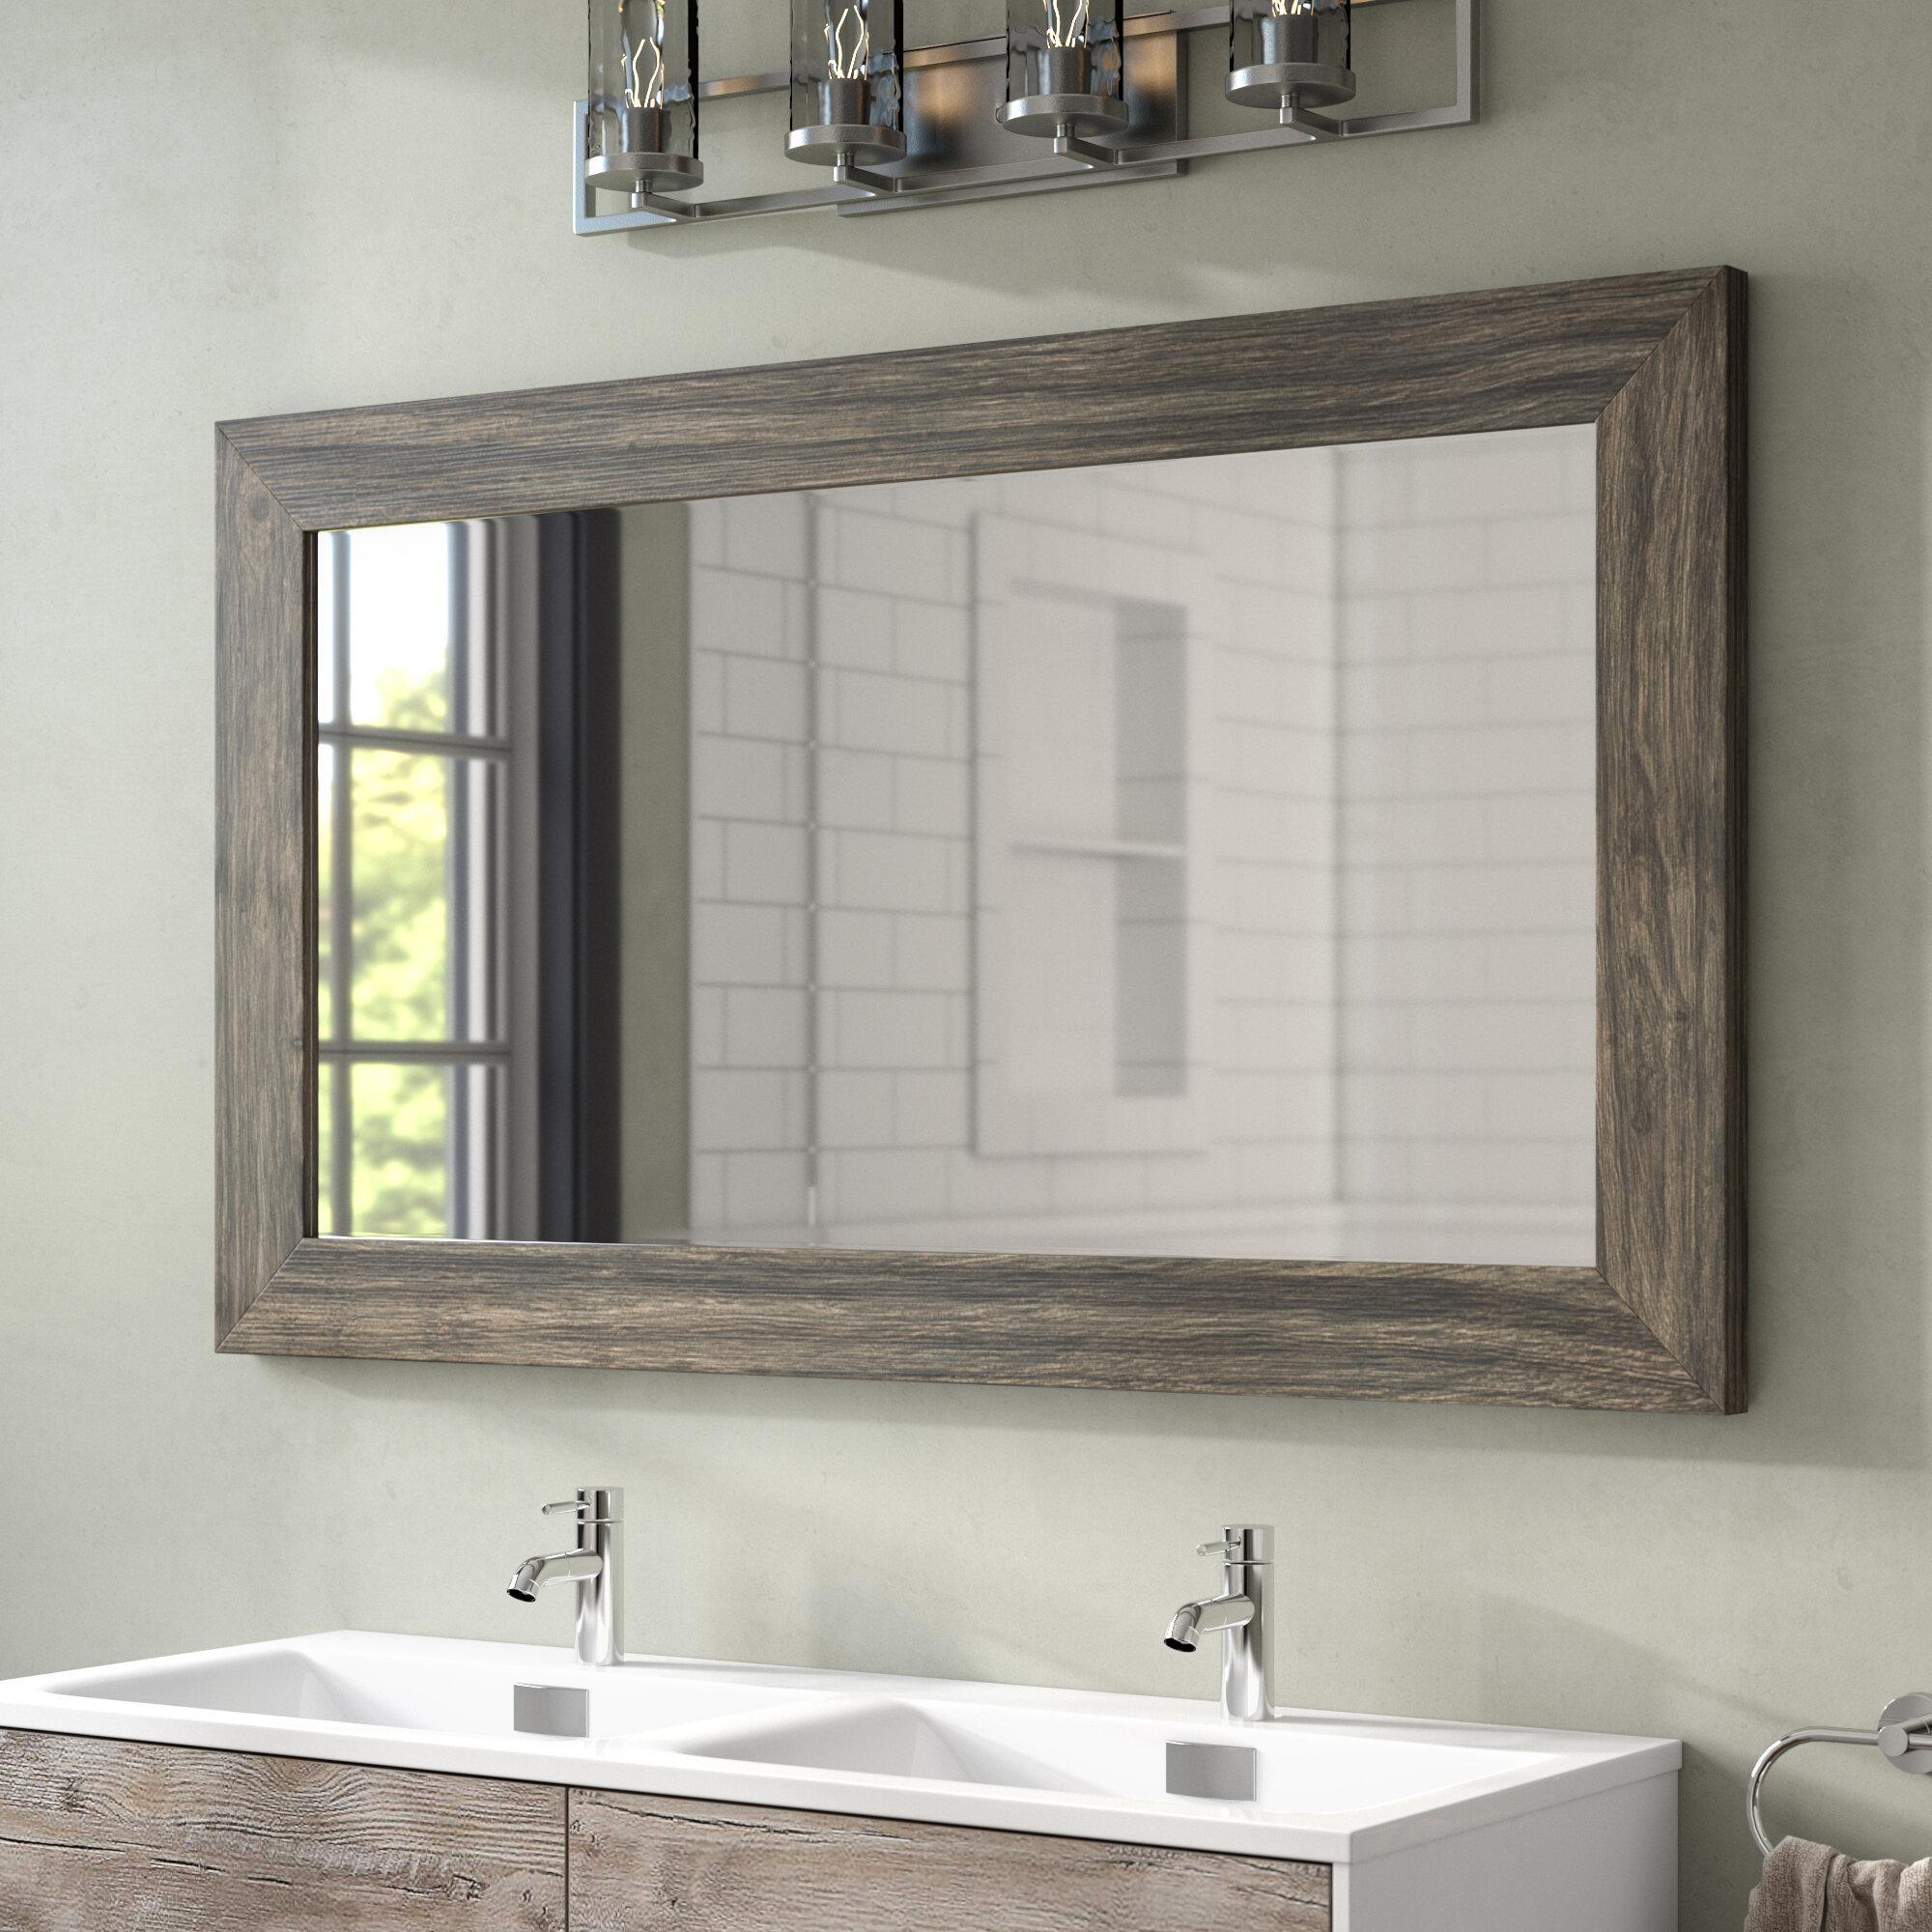 Union Rustic Landover Barnwood Bathroom Mirror & Reviews | Wayfair